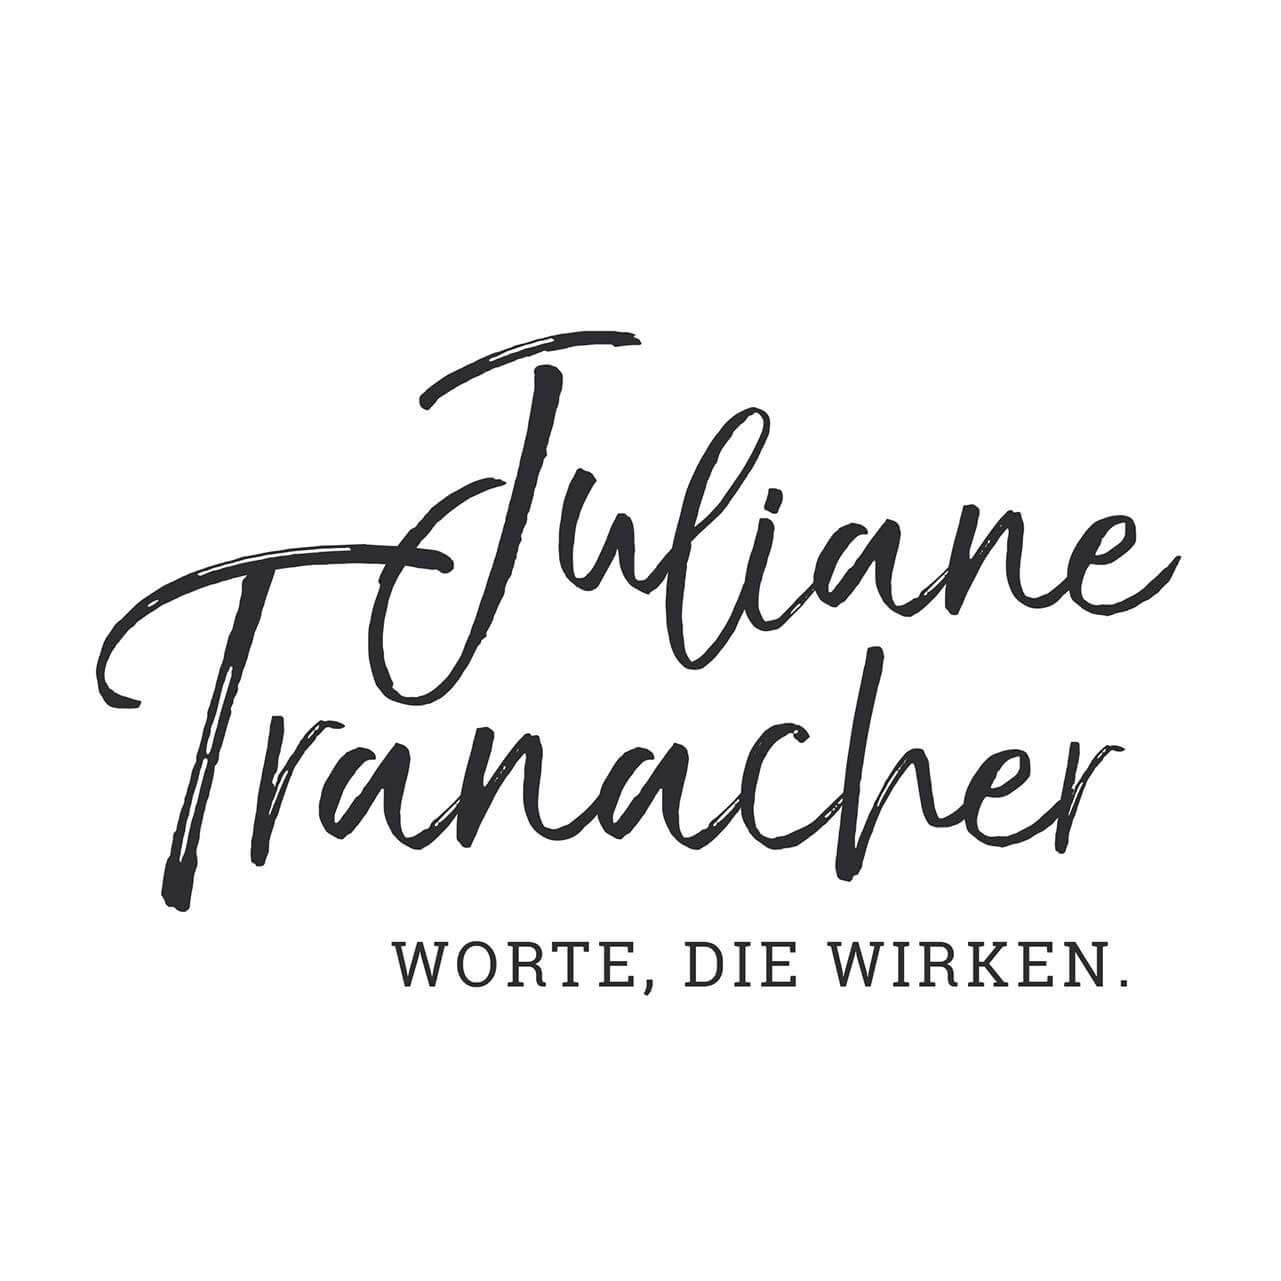 Corporate Design für Juliane Tranacher aus Hamburg